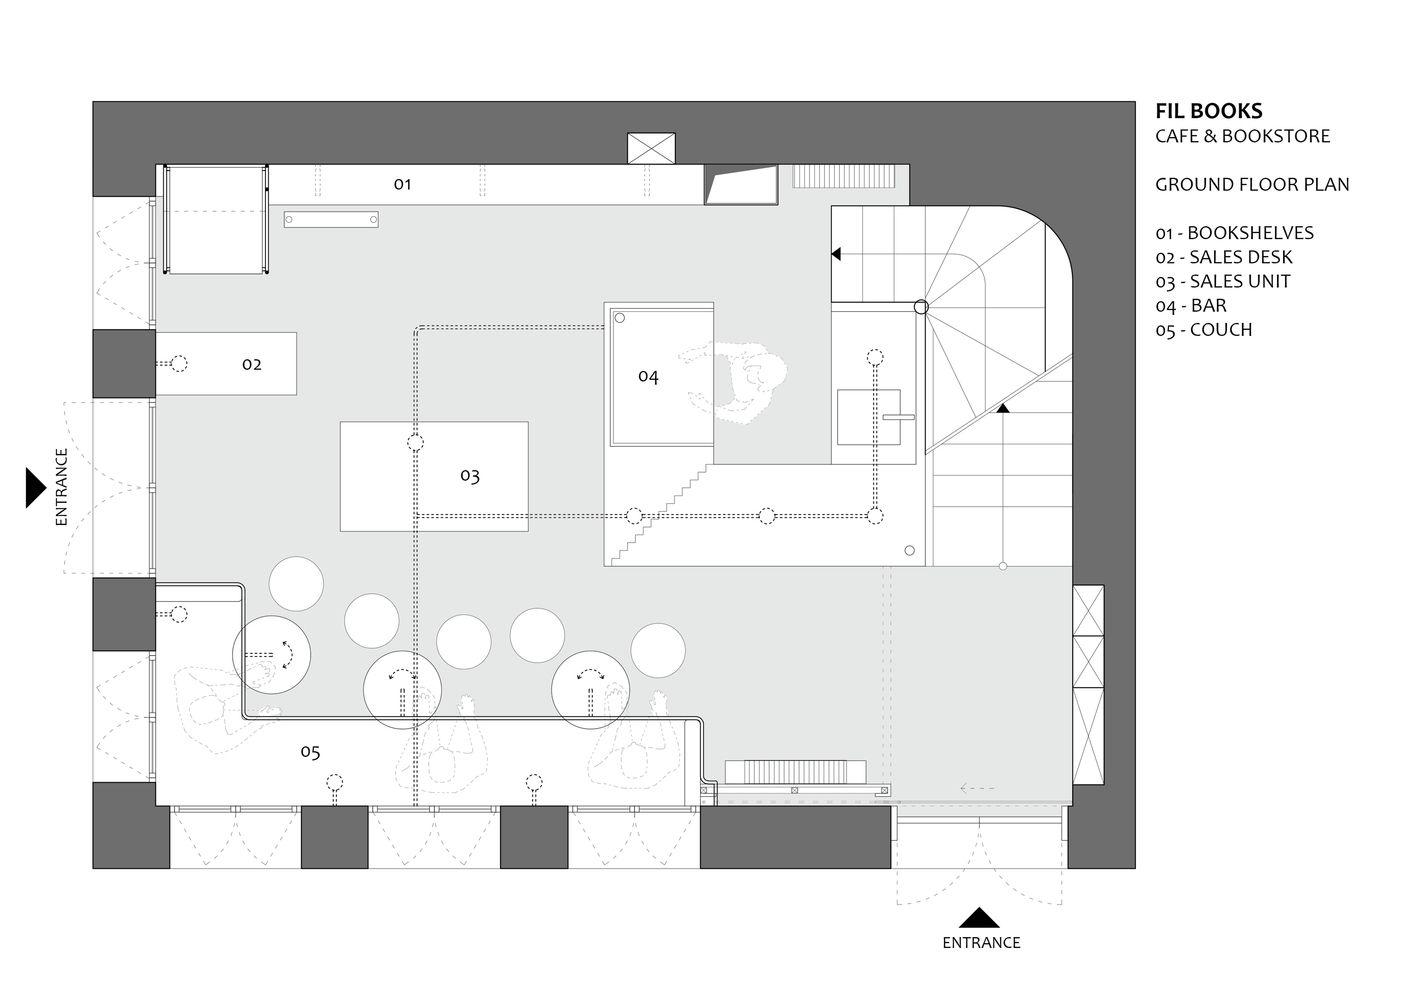 Galería - Librería FiL / Halükar Architecture - 12